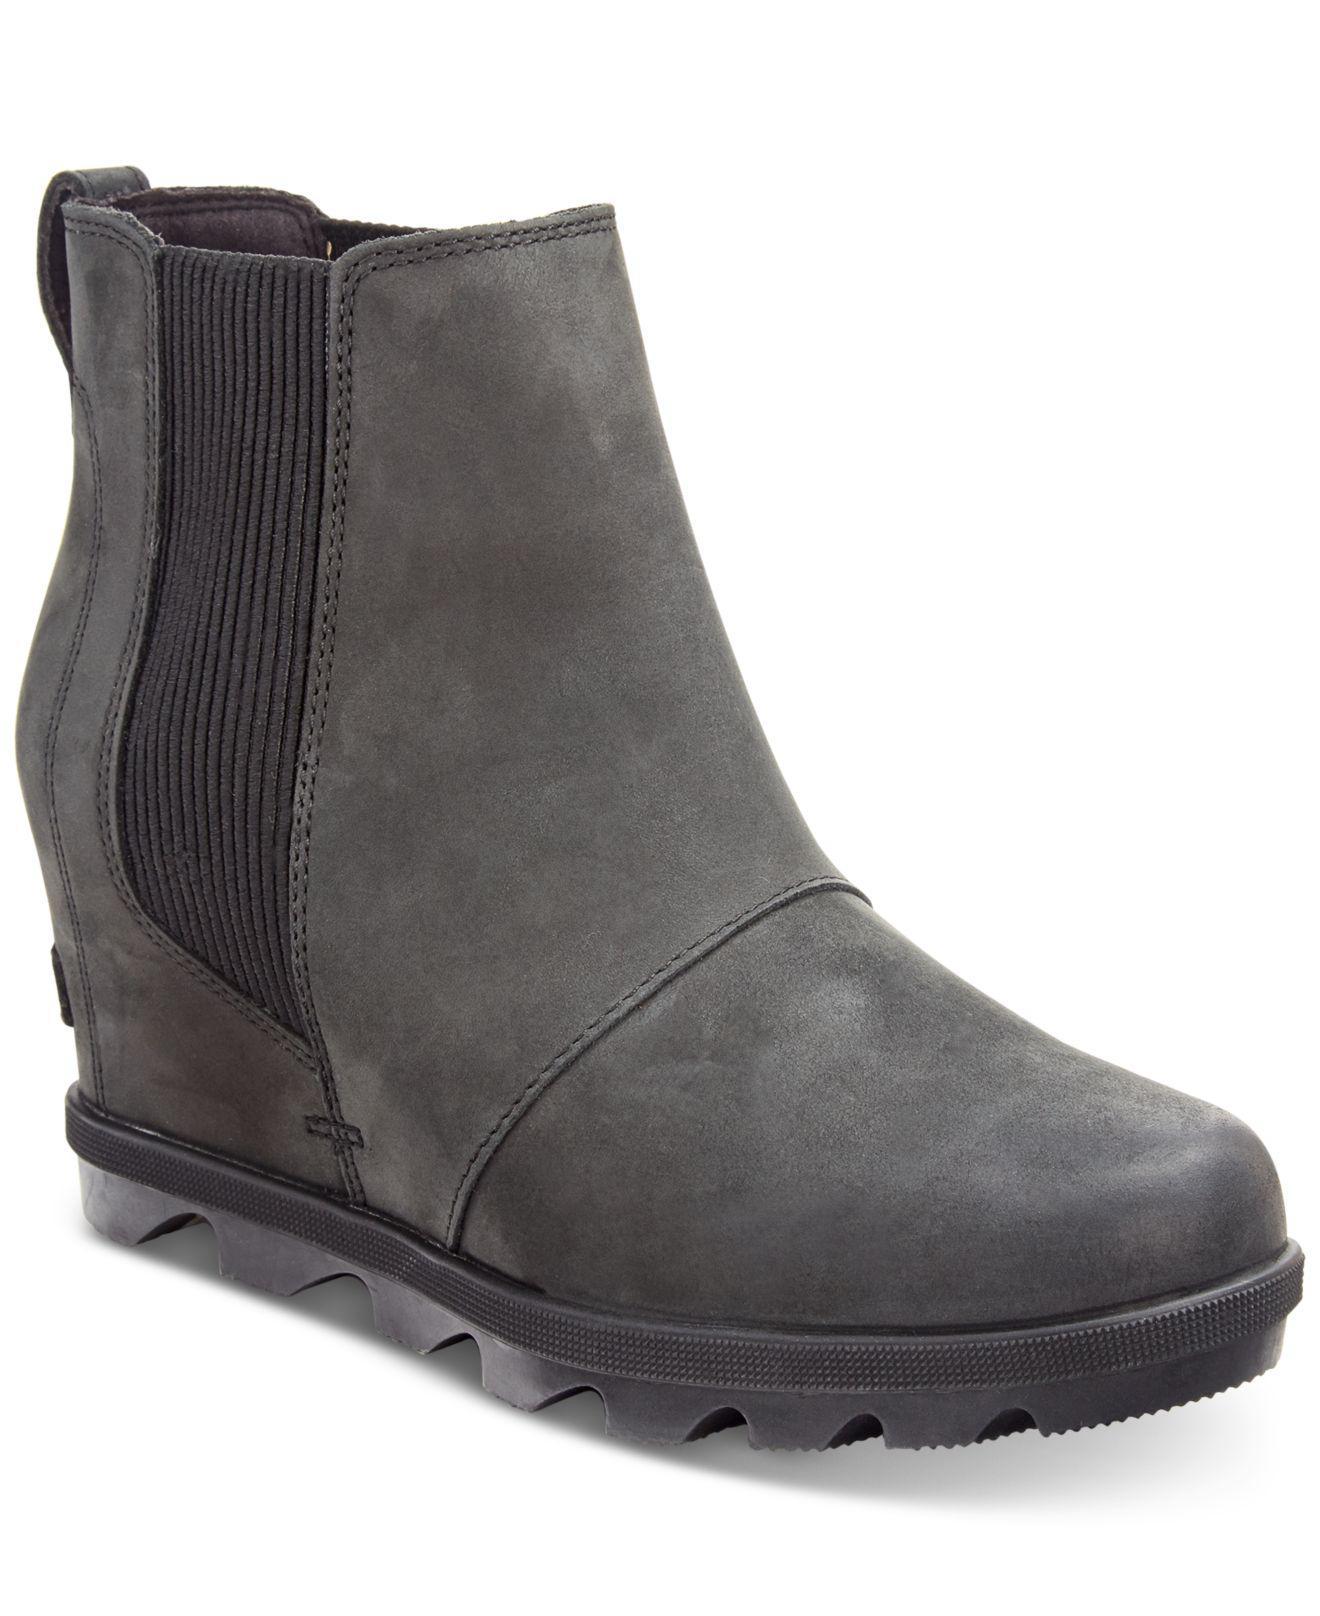 277da9d7028 Lyst - Sorel Joan Of Arctic Wedge Ii Waterproof Chelsea Booties in Black